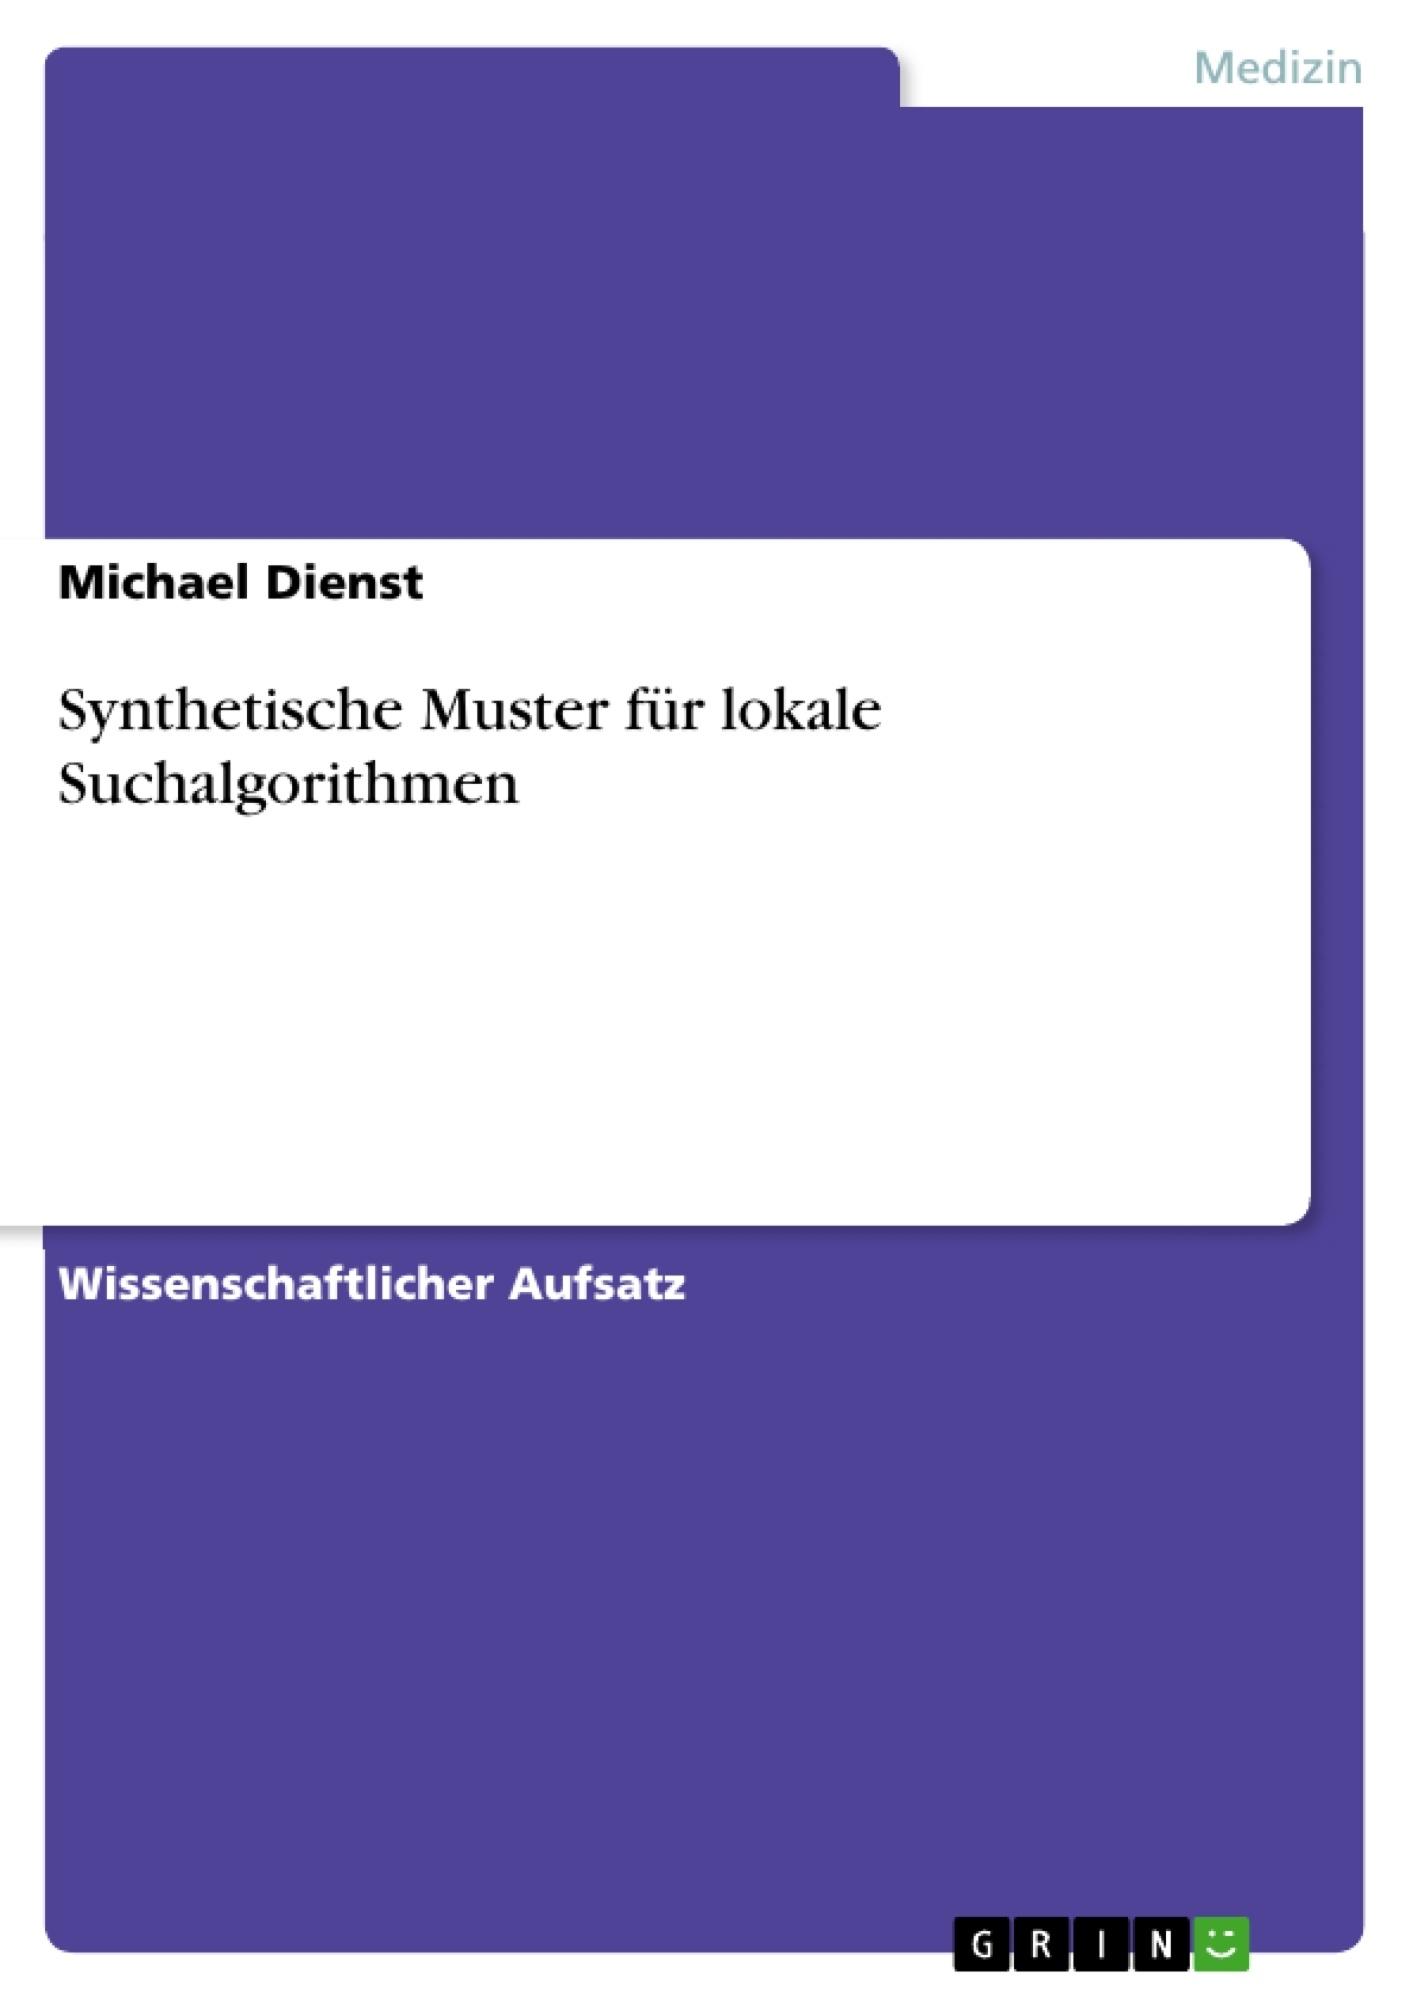 Titel: Synthetische Muster für lokale Suchalgorithmen